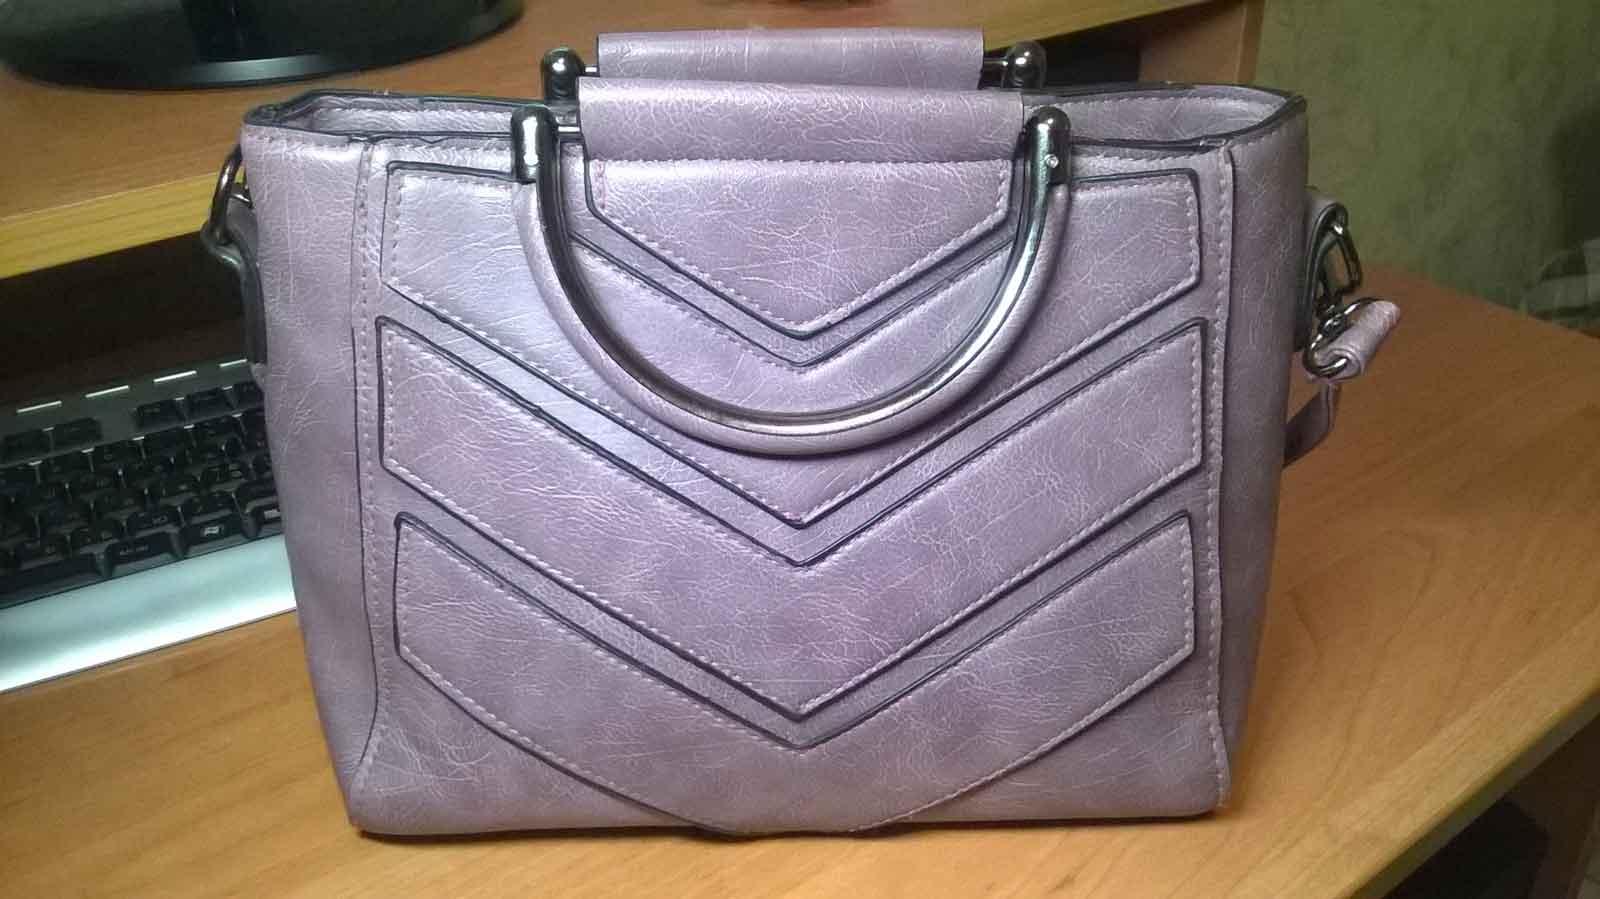 63a265131672 Женская сумка из ПУ кожи с коротики ручками с АлиЭкспресс